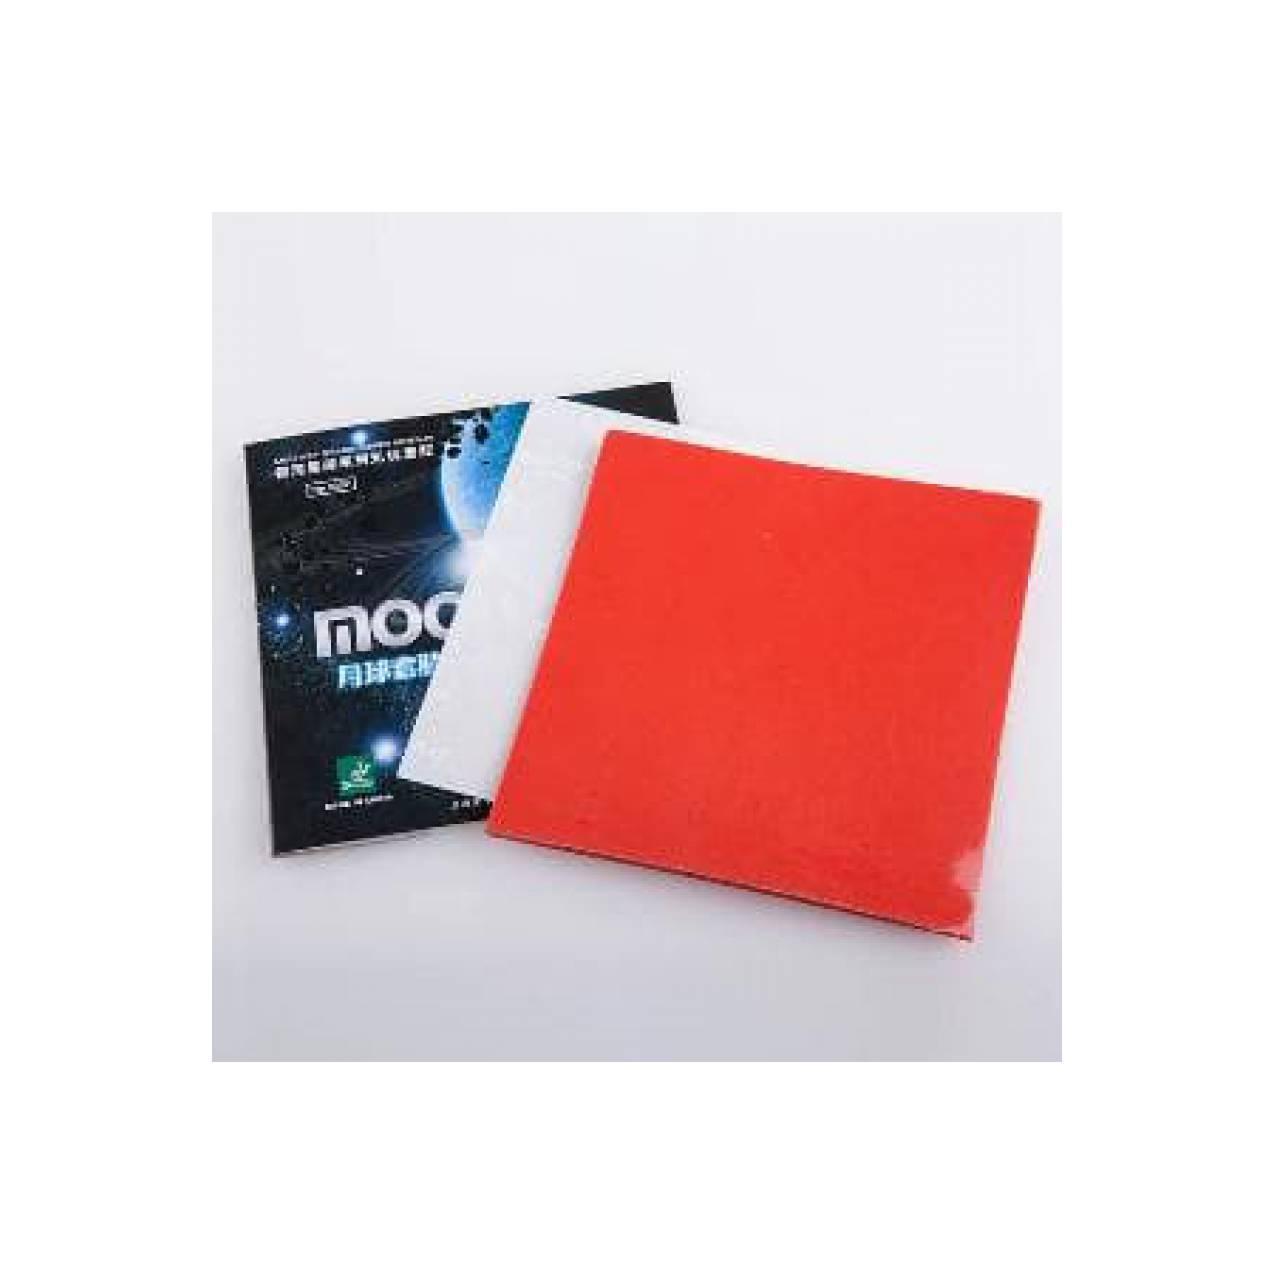 Yinhe Galaxy Moon - Rubber Karet Bat Tenis Meja TM214 Murah